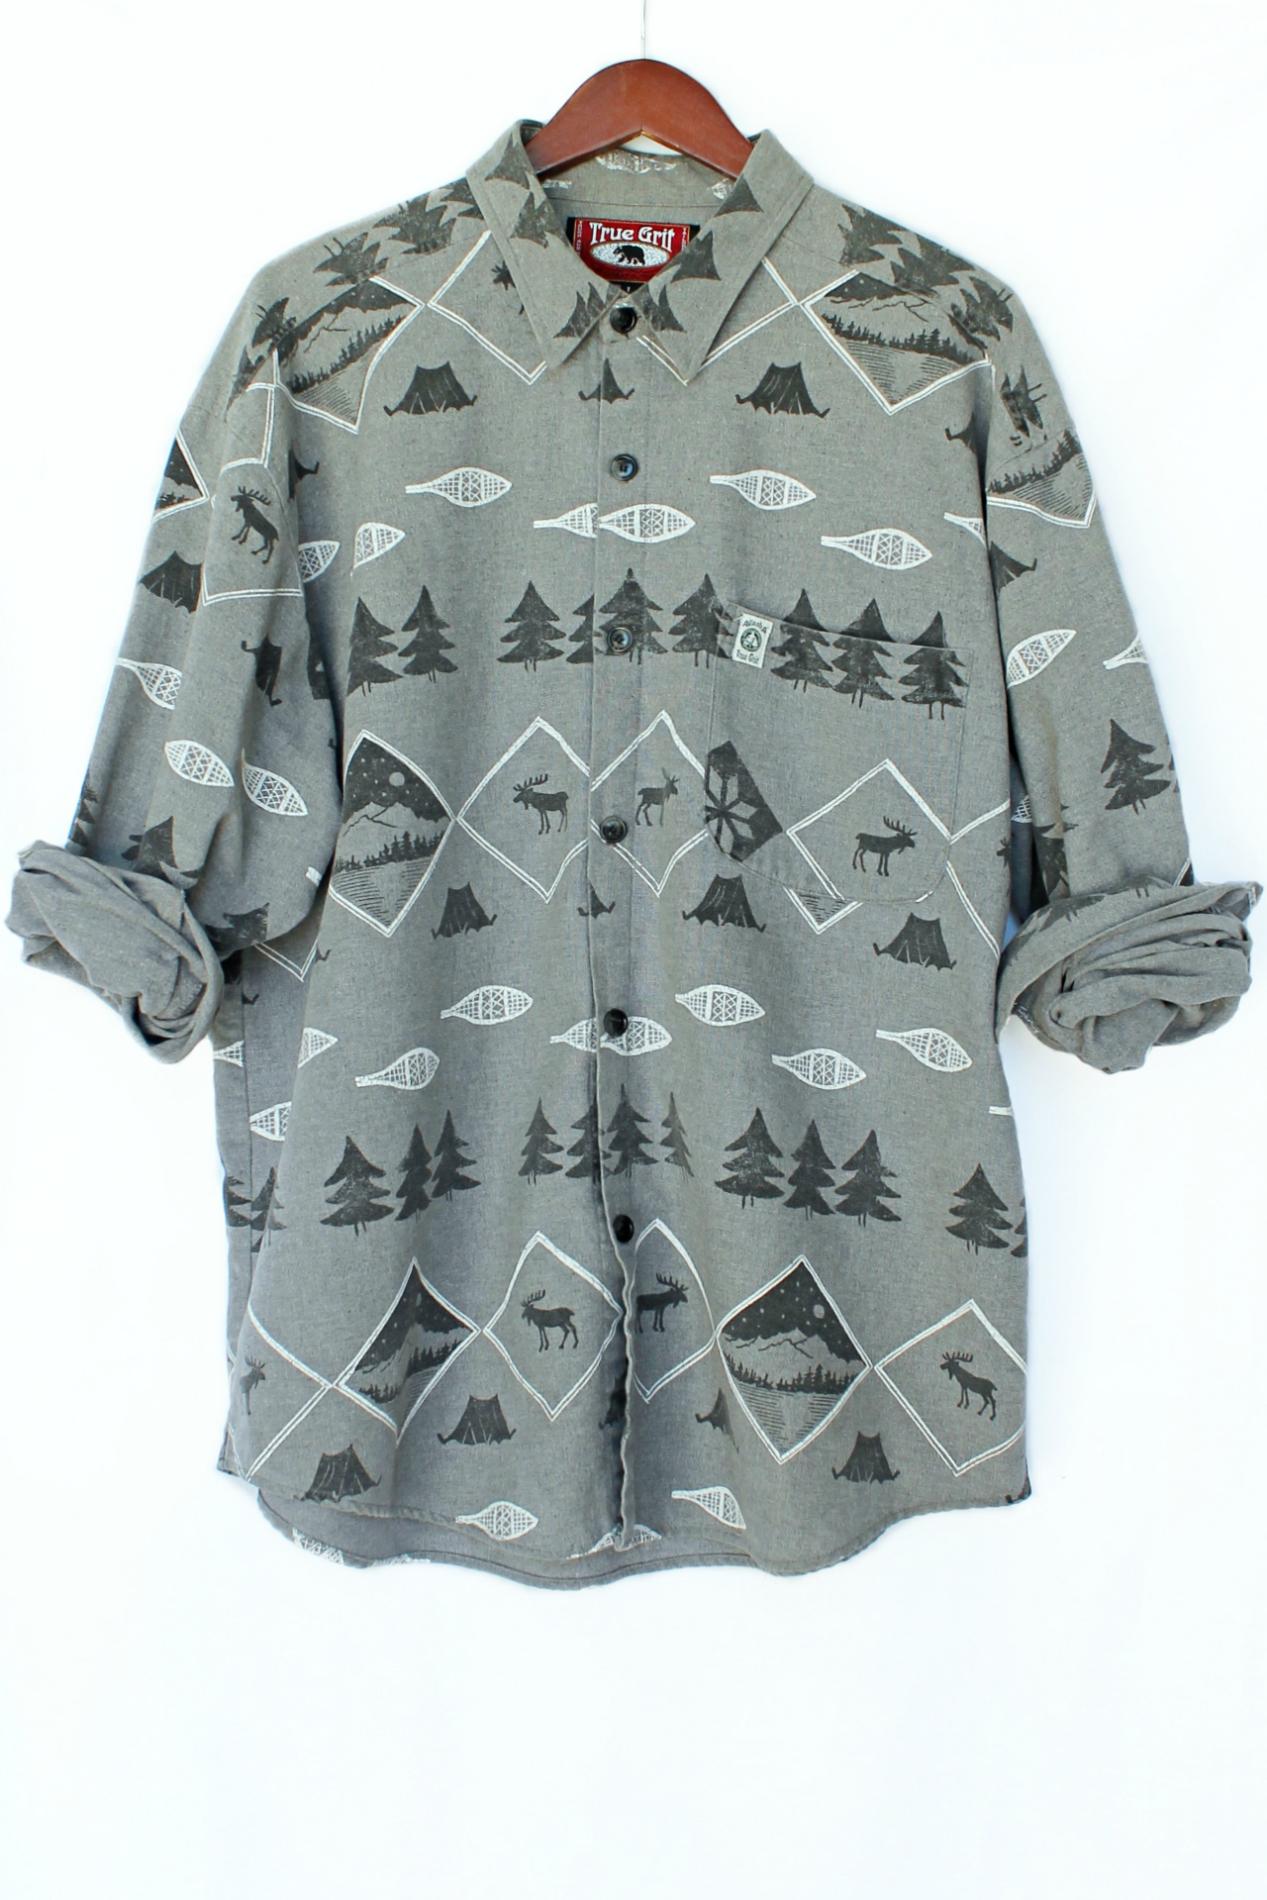 Happy Camper Button-Down Shirt | Just Vu